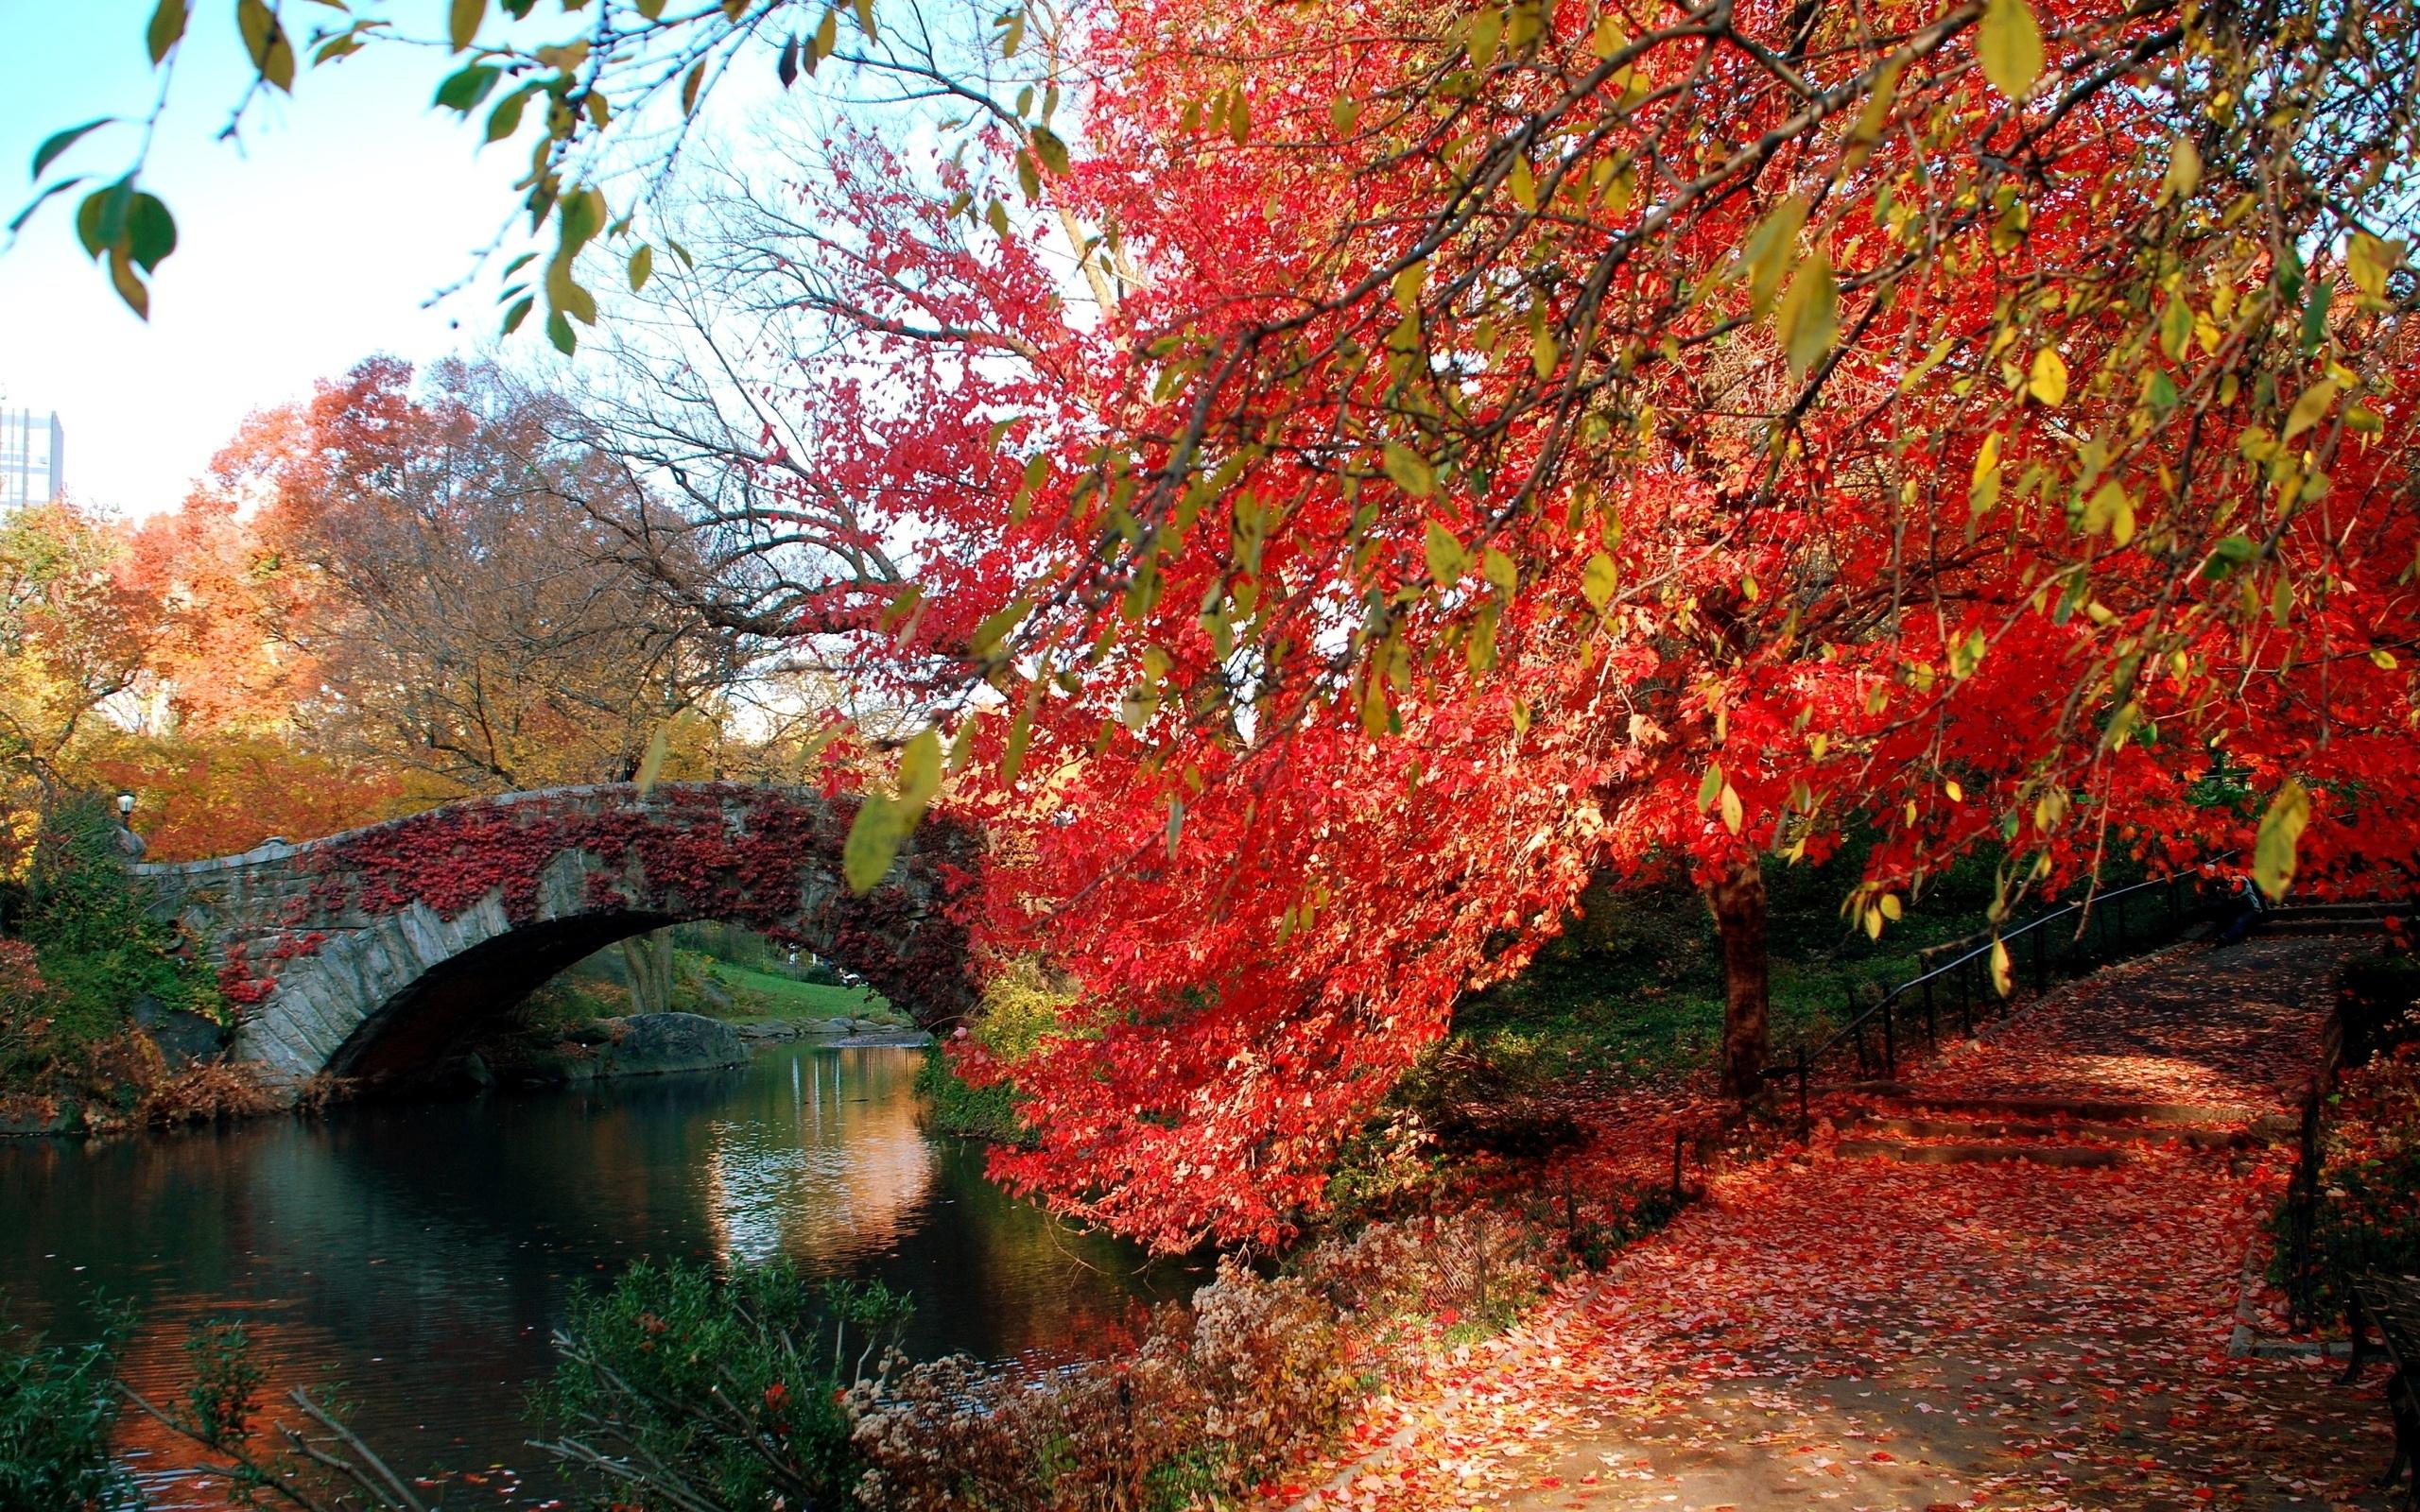 Jesień, Rzeka, Alejka, Most, Liście